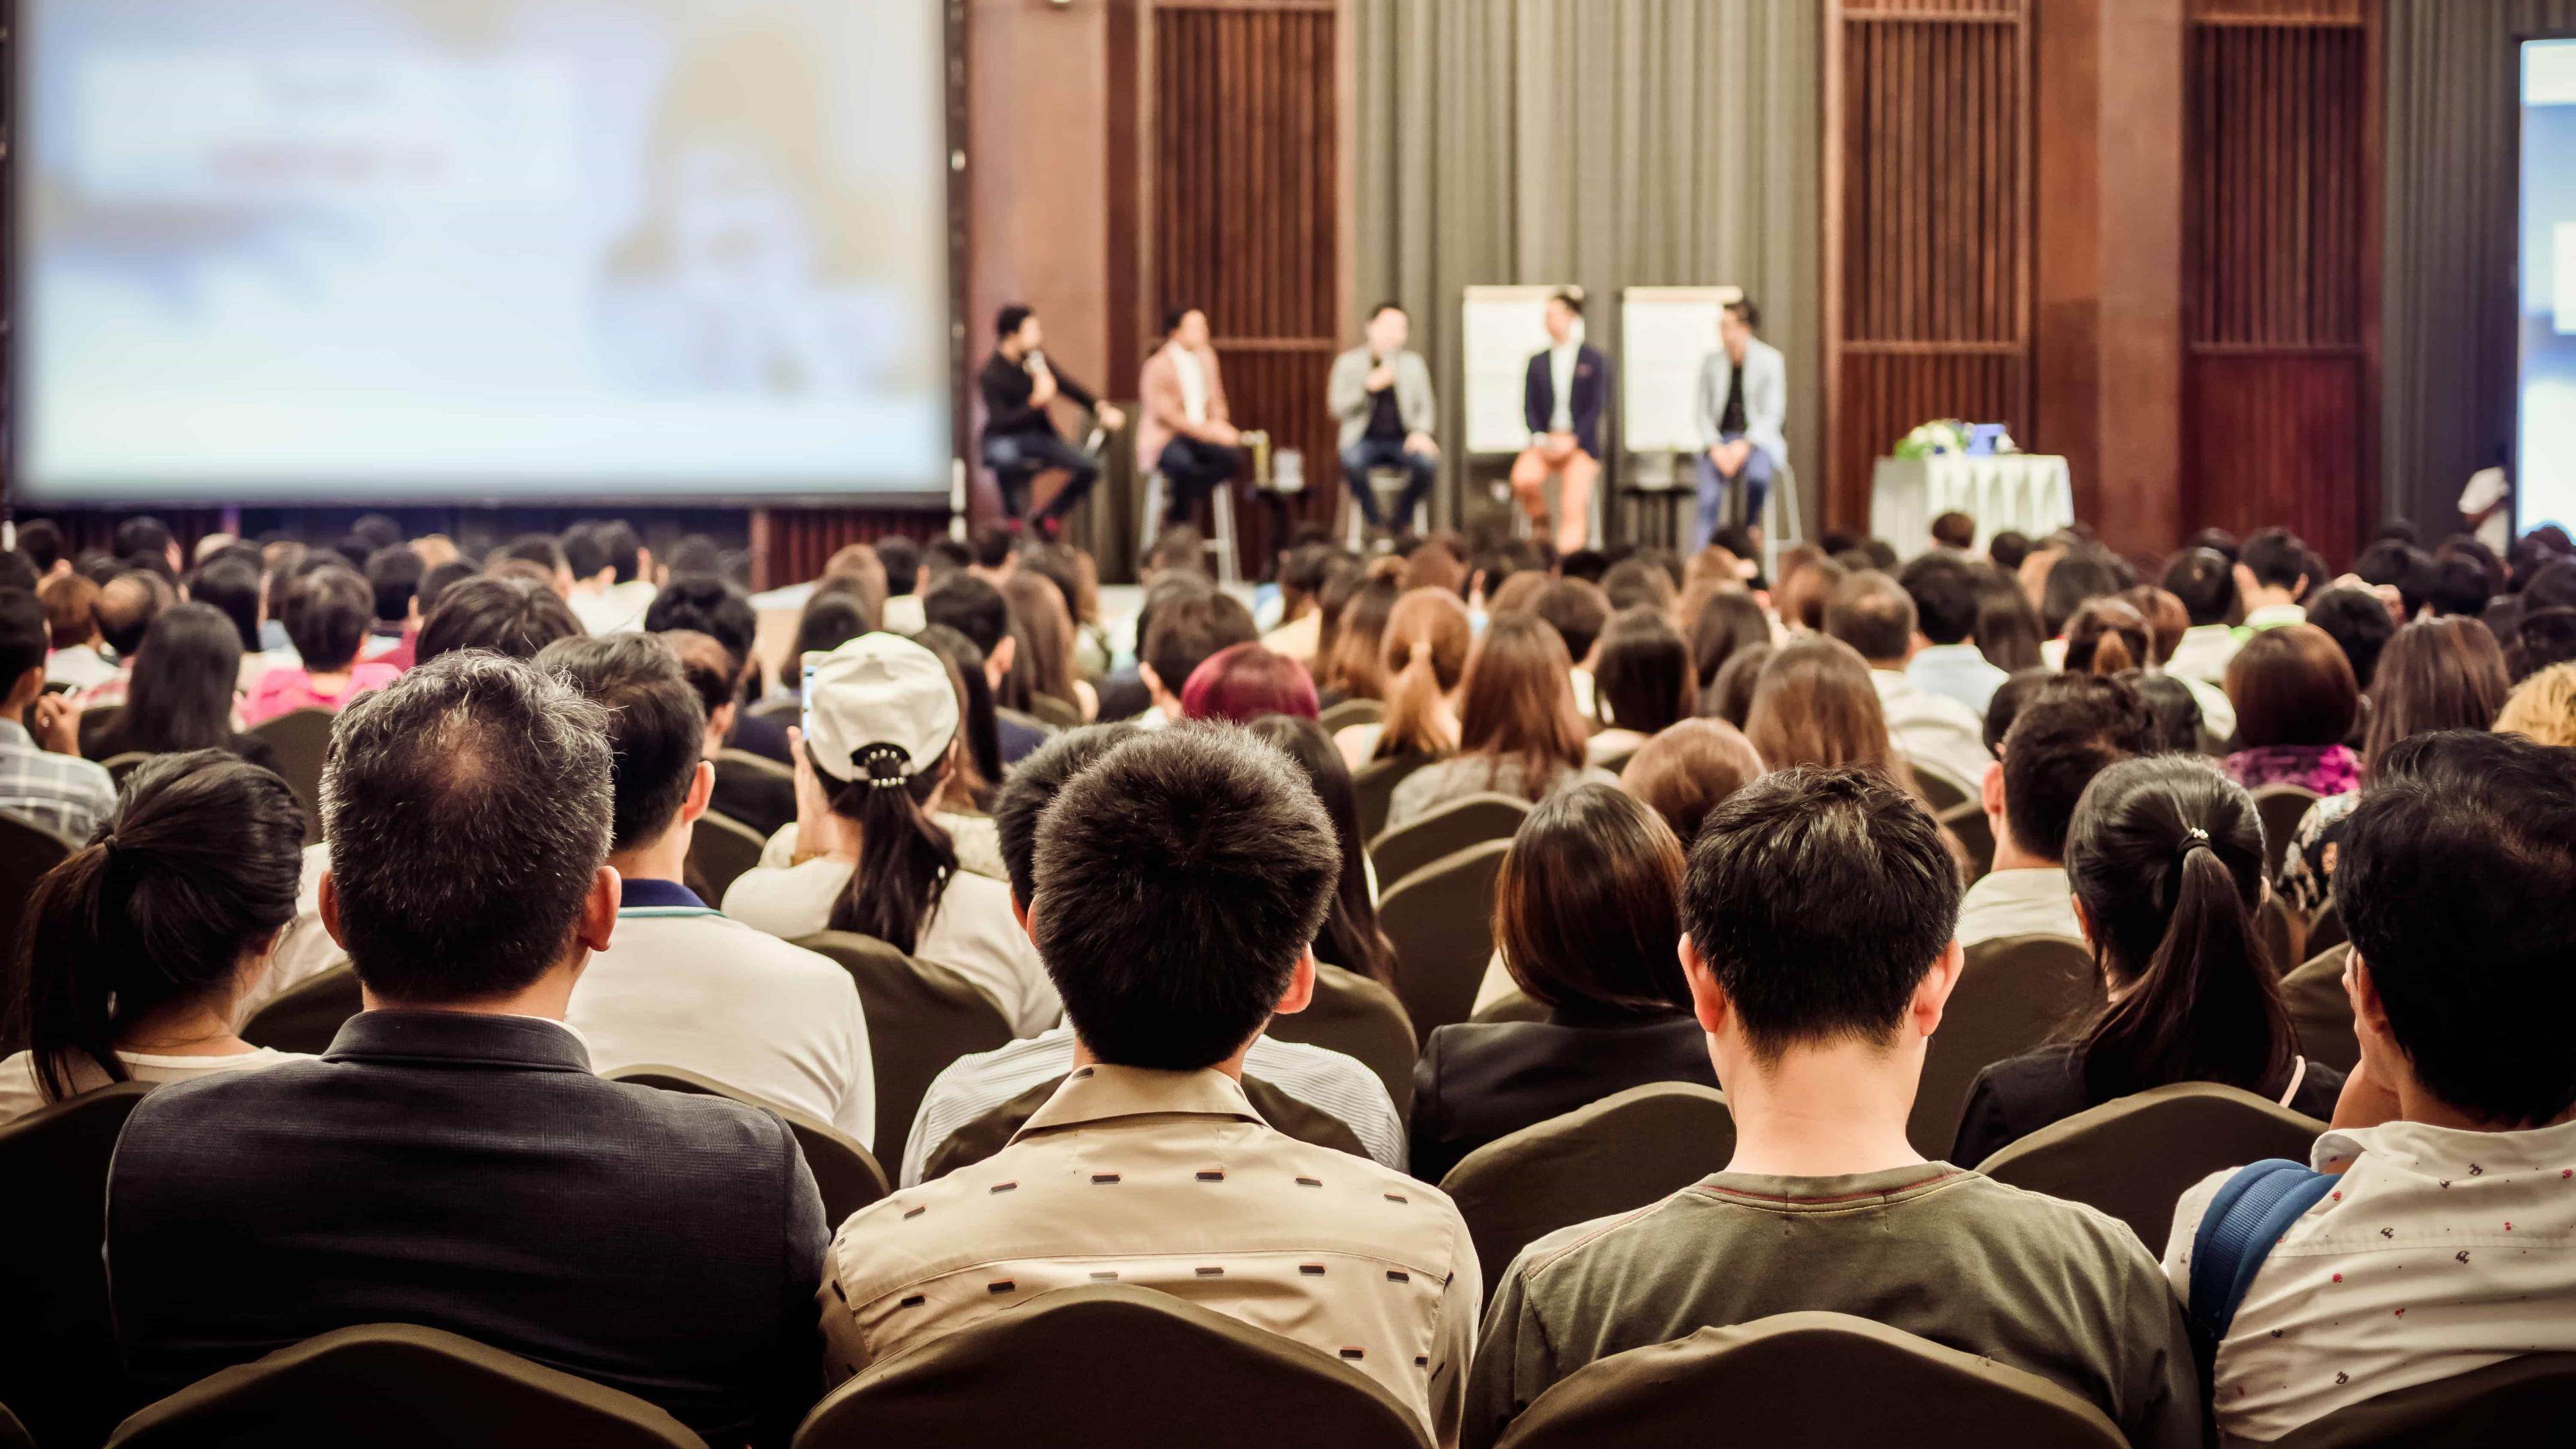 Виртуальные двойники помогли преодолеть страх перед публичным выступлением